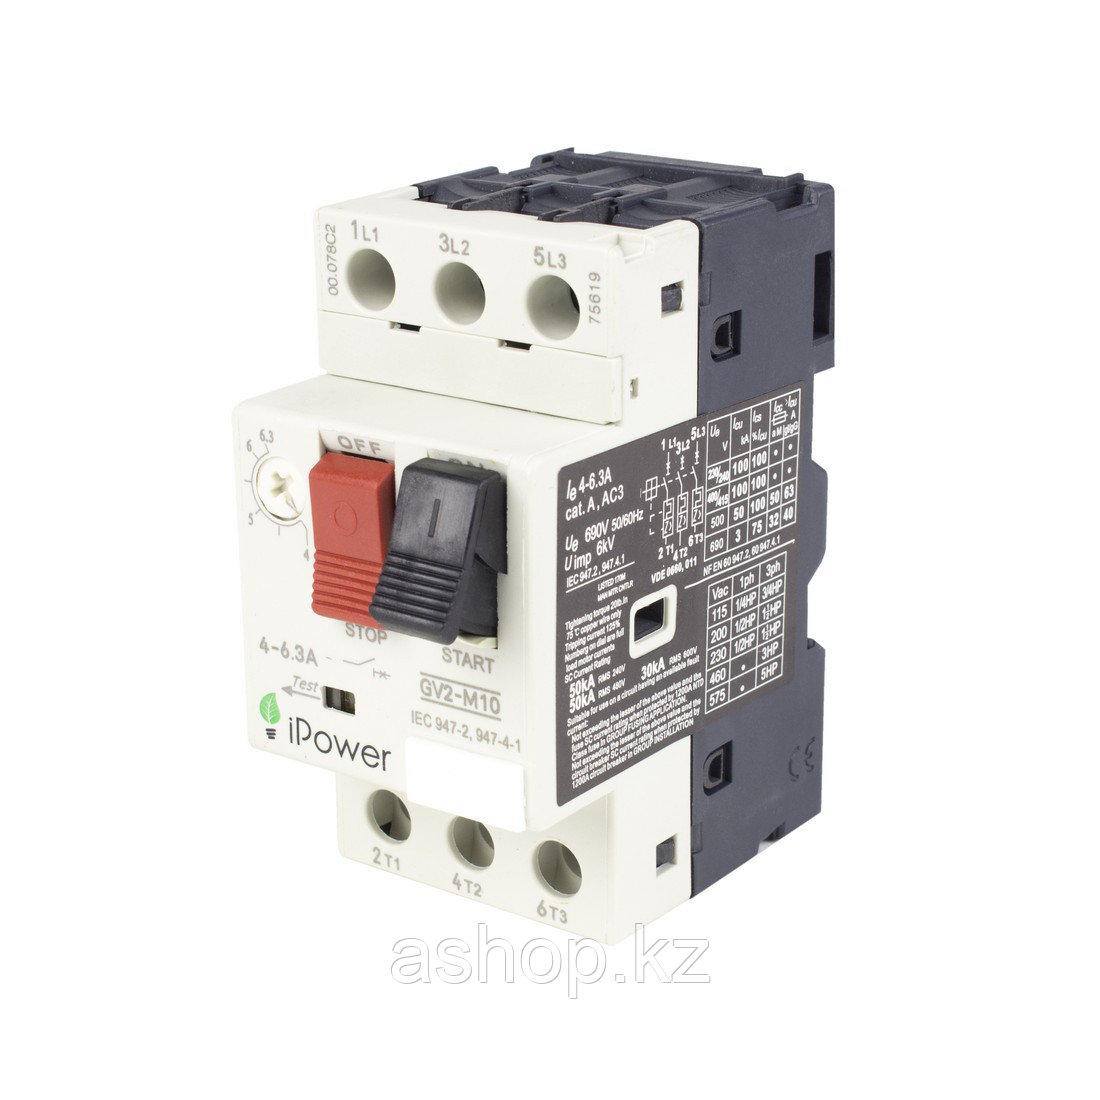 Автомат защиты двигателя реечный iPower GV2-M20 3P 18А, 380 В, Кол-во полюсов: 3, Защита: От перегрузок, корот